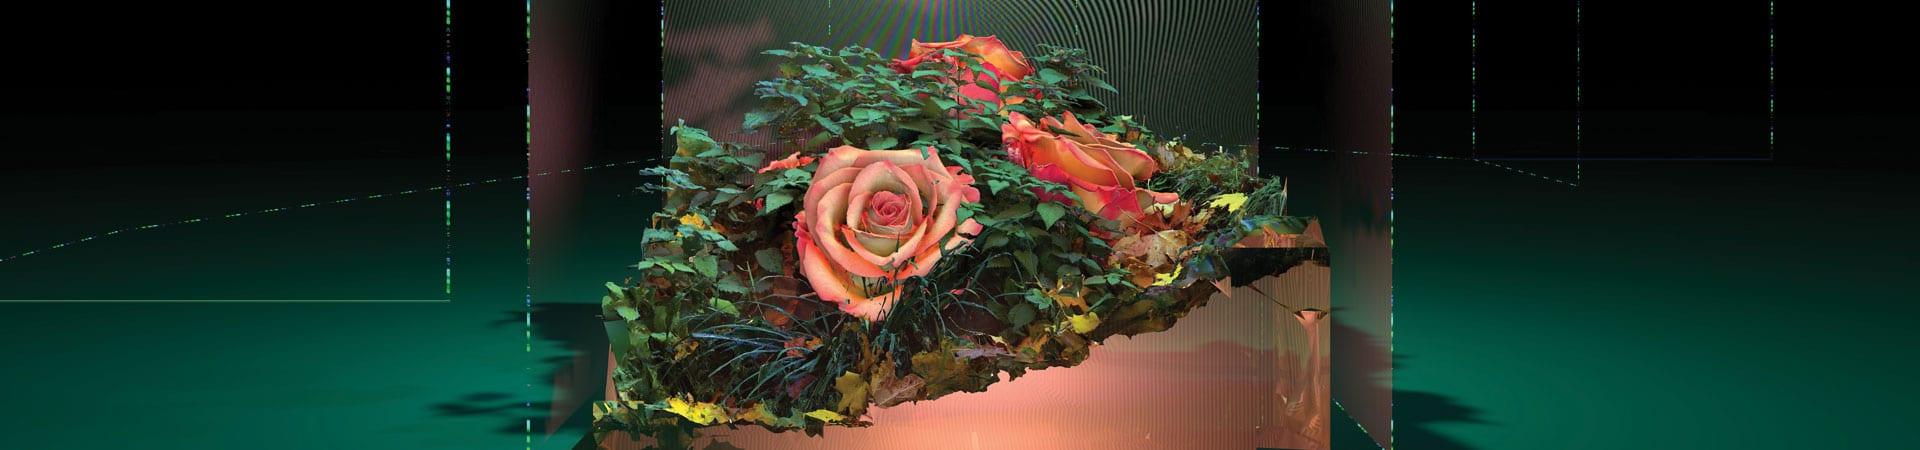 hors pistes - festival - centre pompidou - image - en ligne - conférence